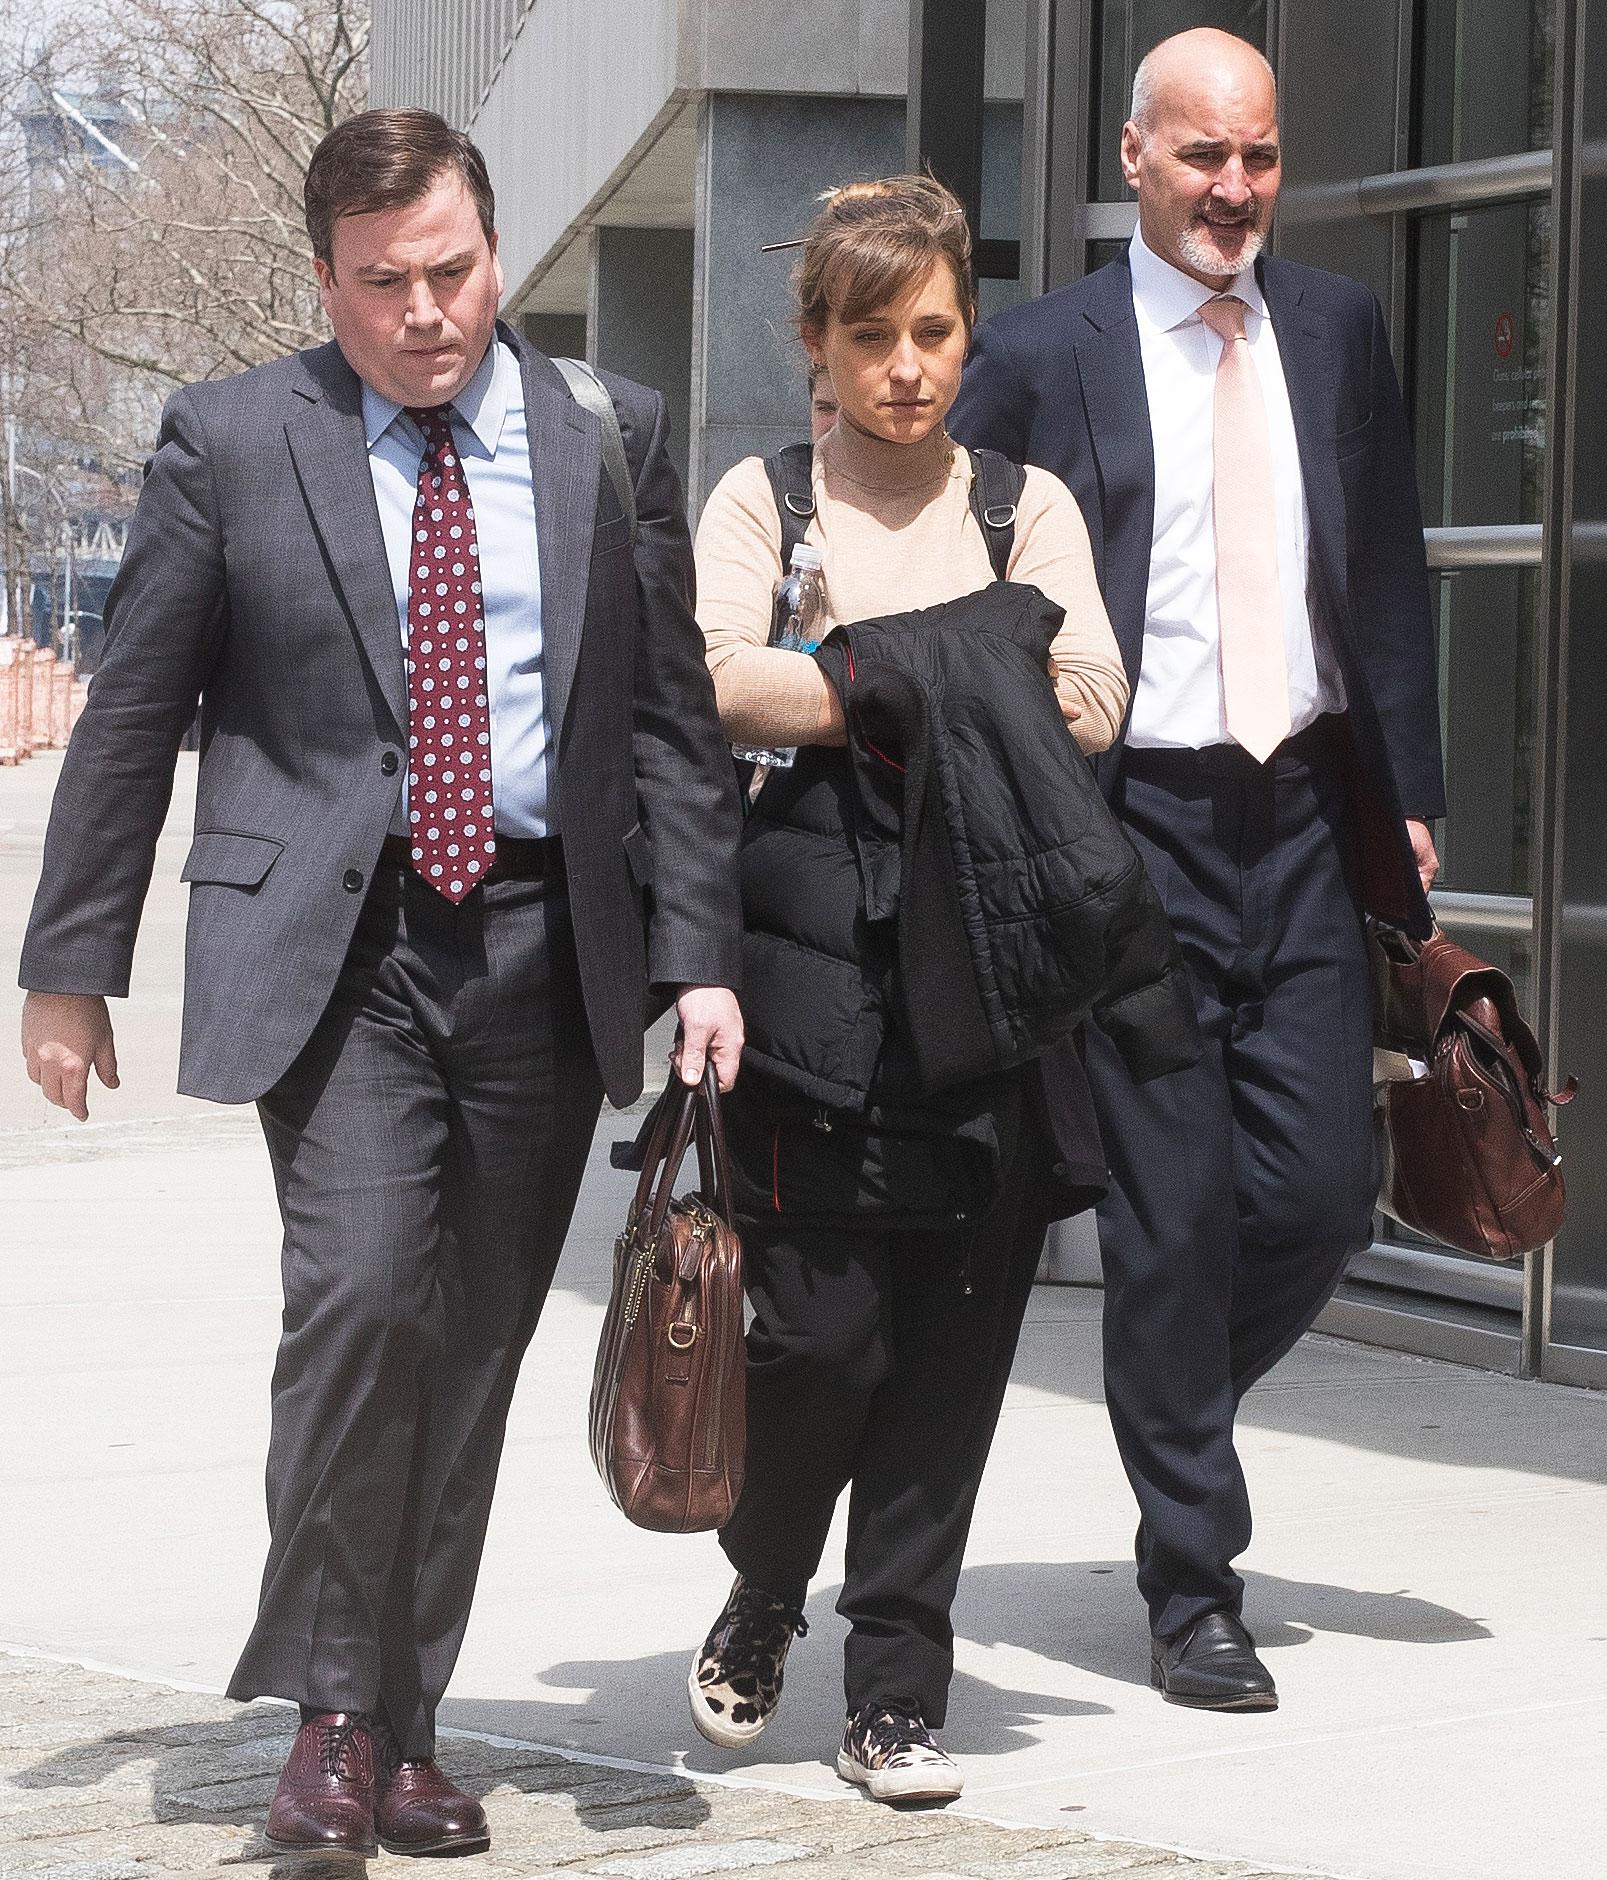 Allison Mack Guilty Plea NXIVM Sex Trafficking Case